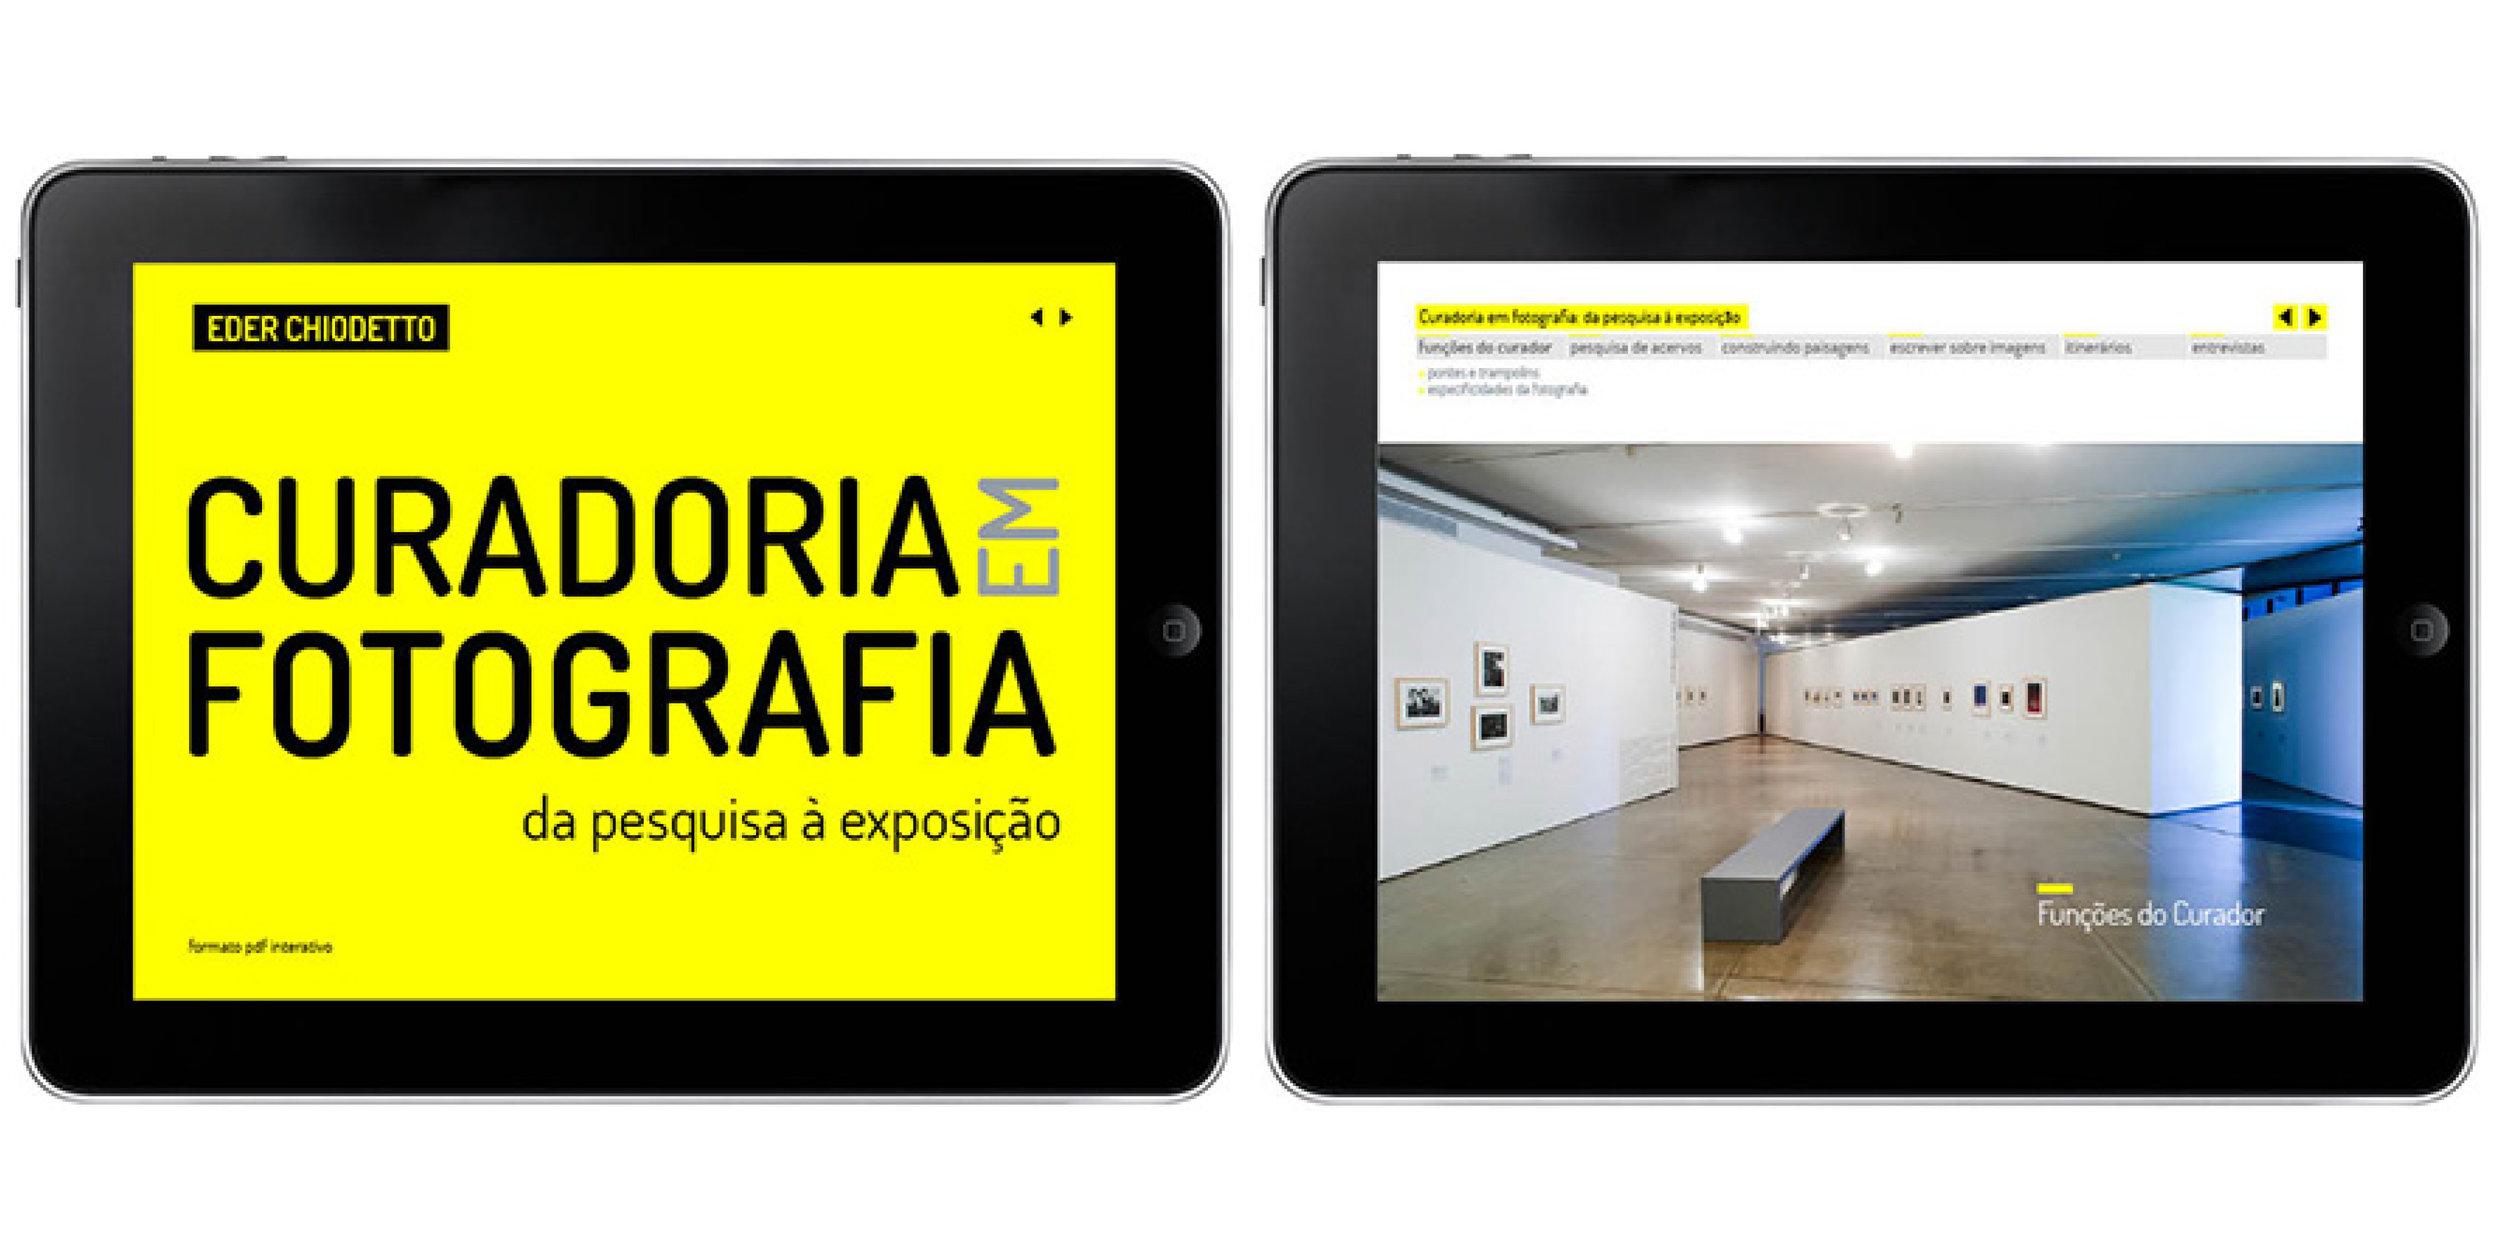 carrossel_jornais,livros,revistas-11.jpg